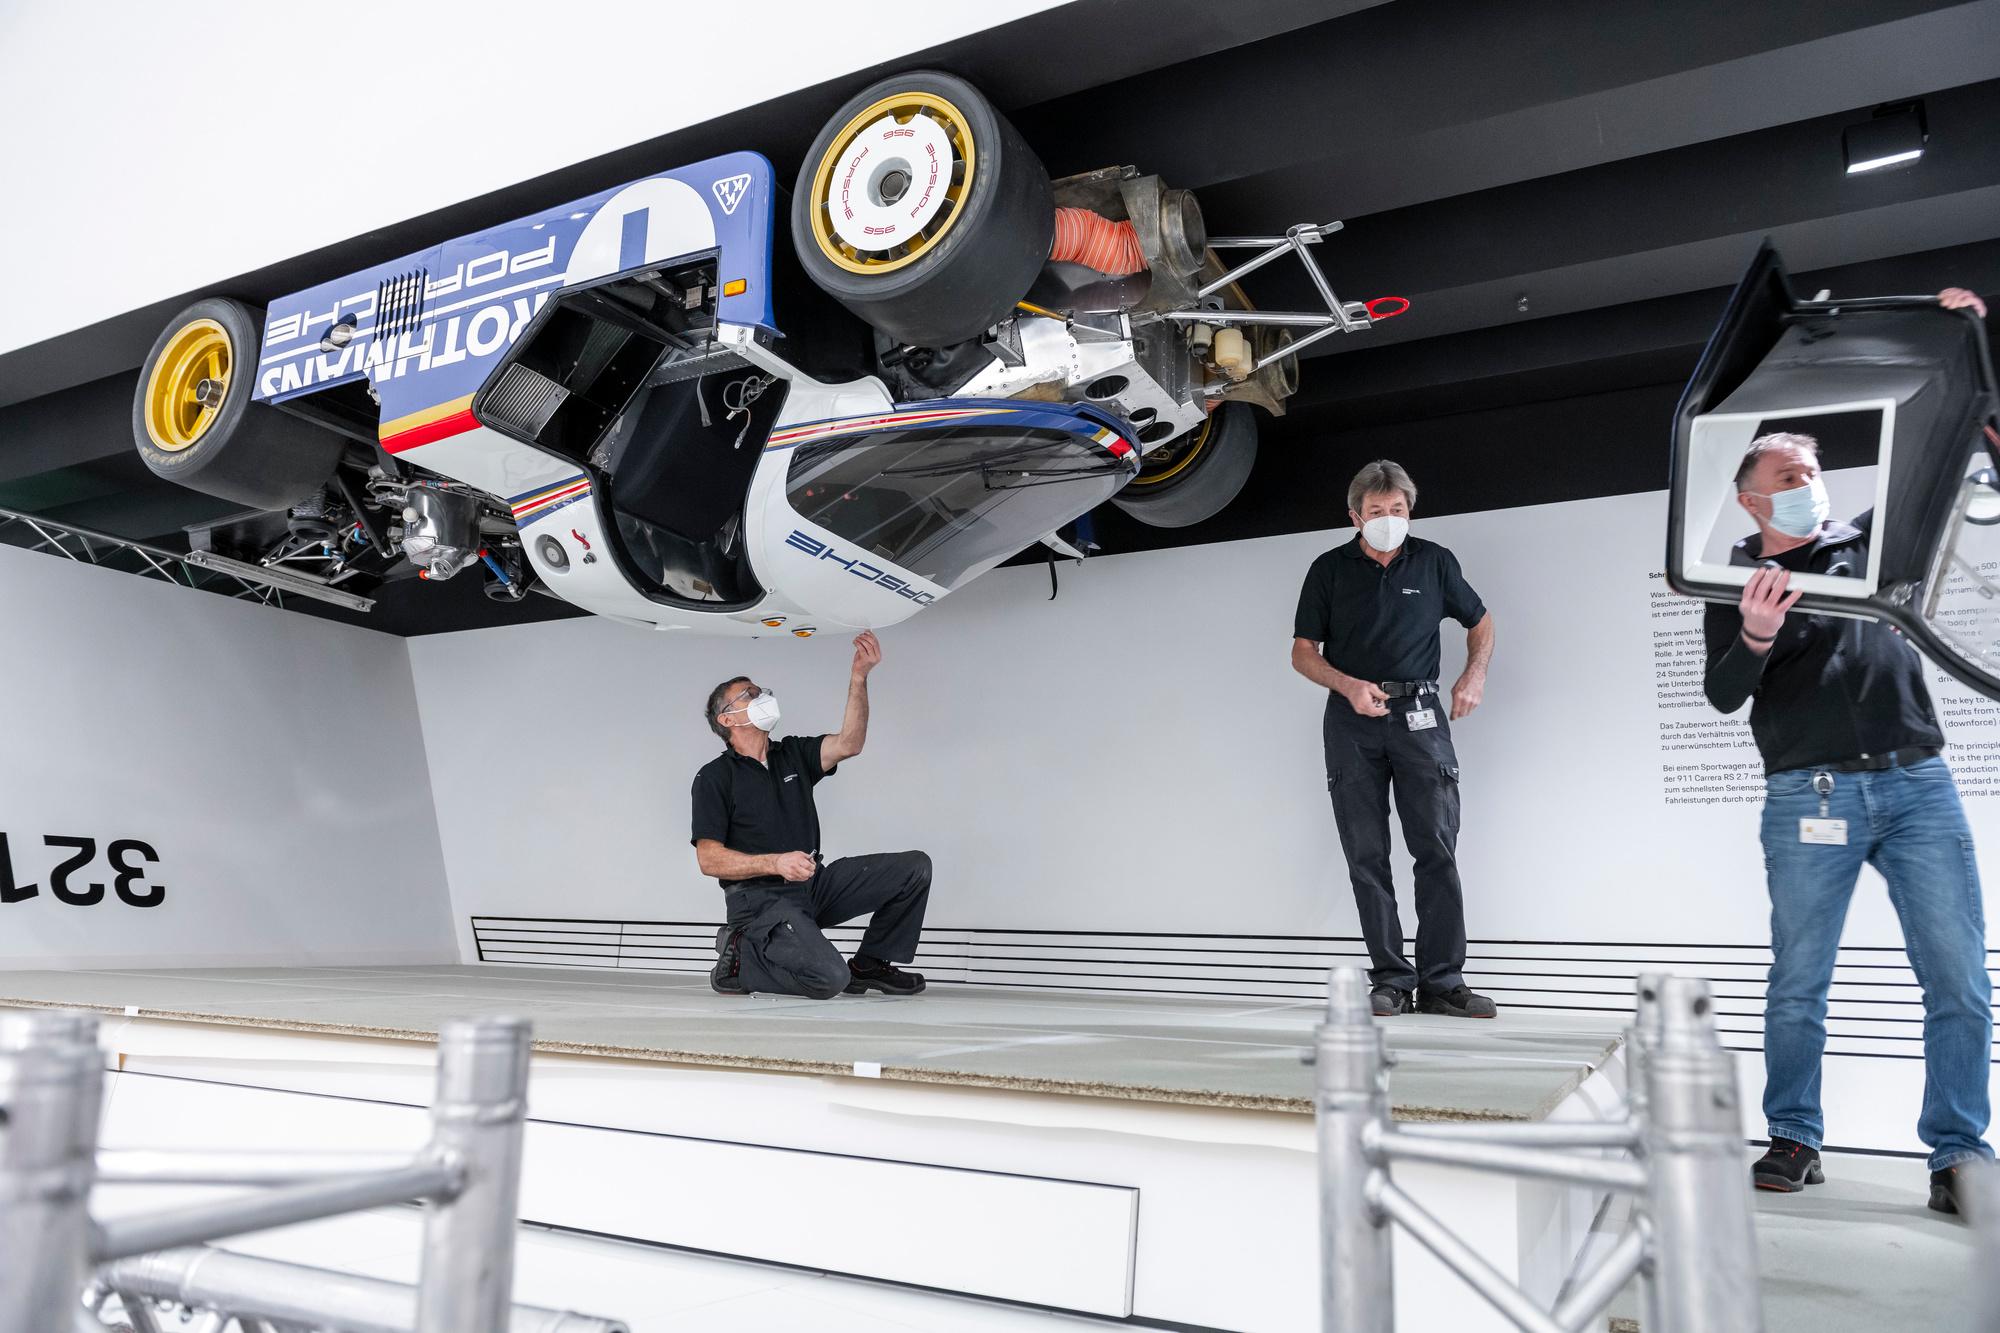 D'habitude fort fréquenté, le musée ne laisse pas beaucoup de temps pour les opérations spéciales, comme décrocher la 956 du plafond pour une révision!, GF